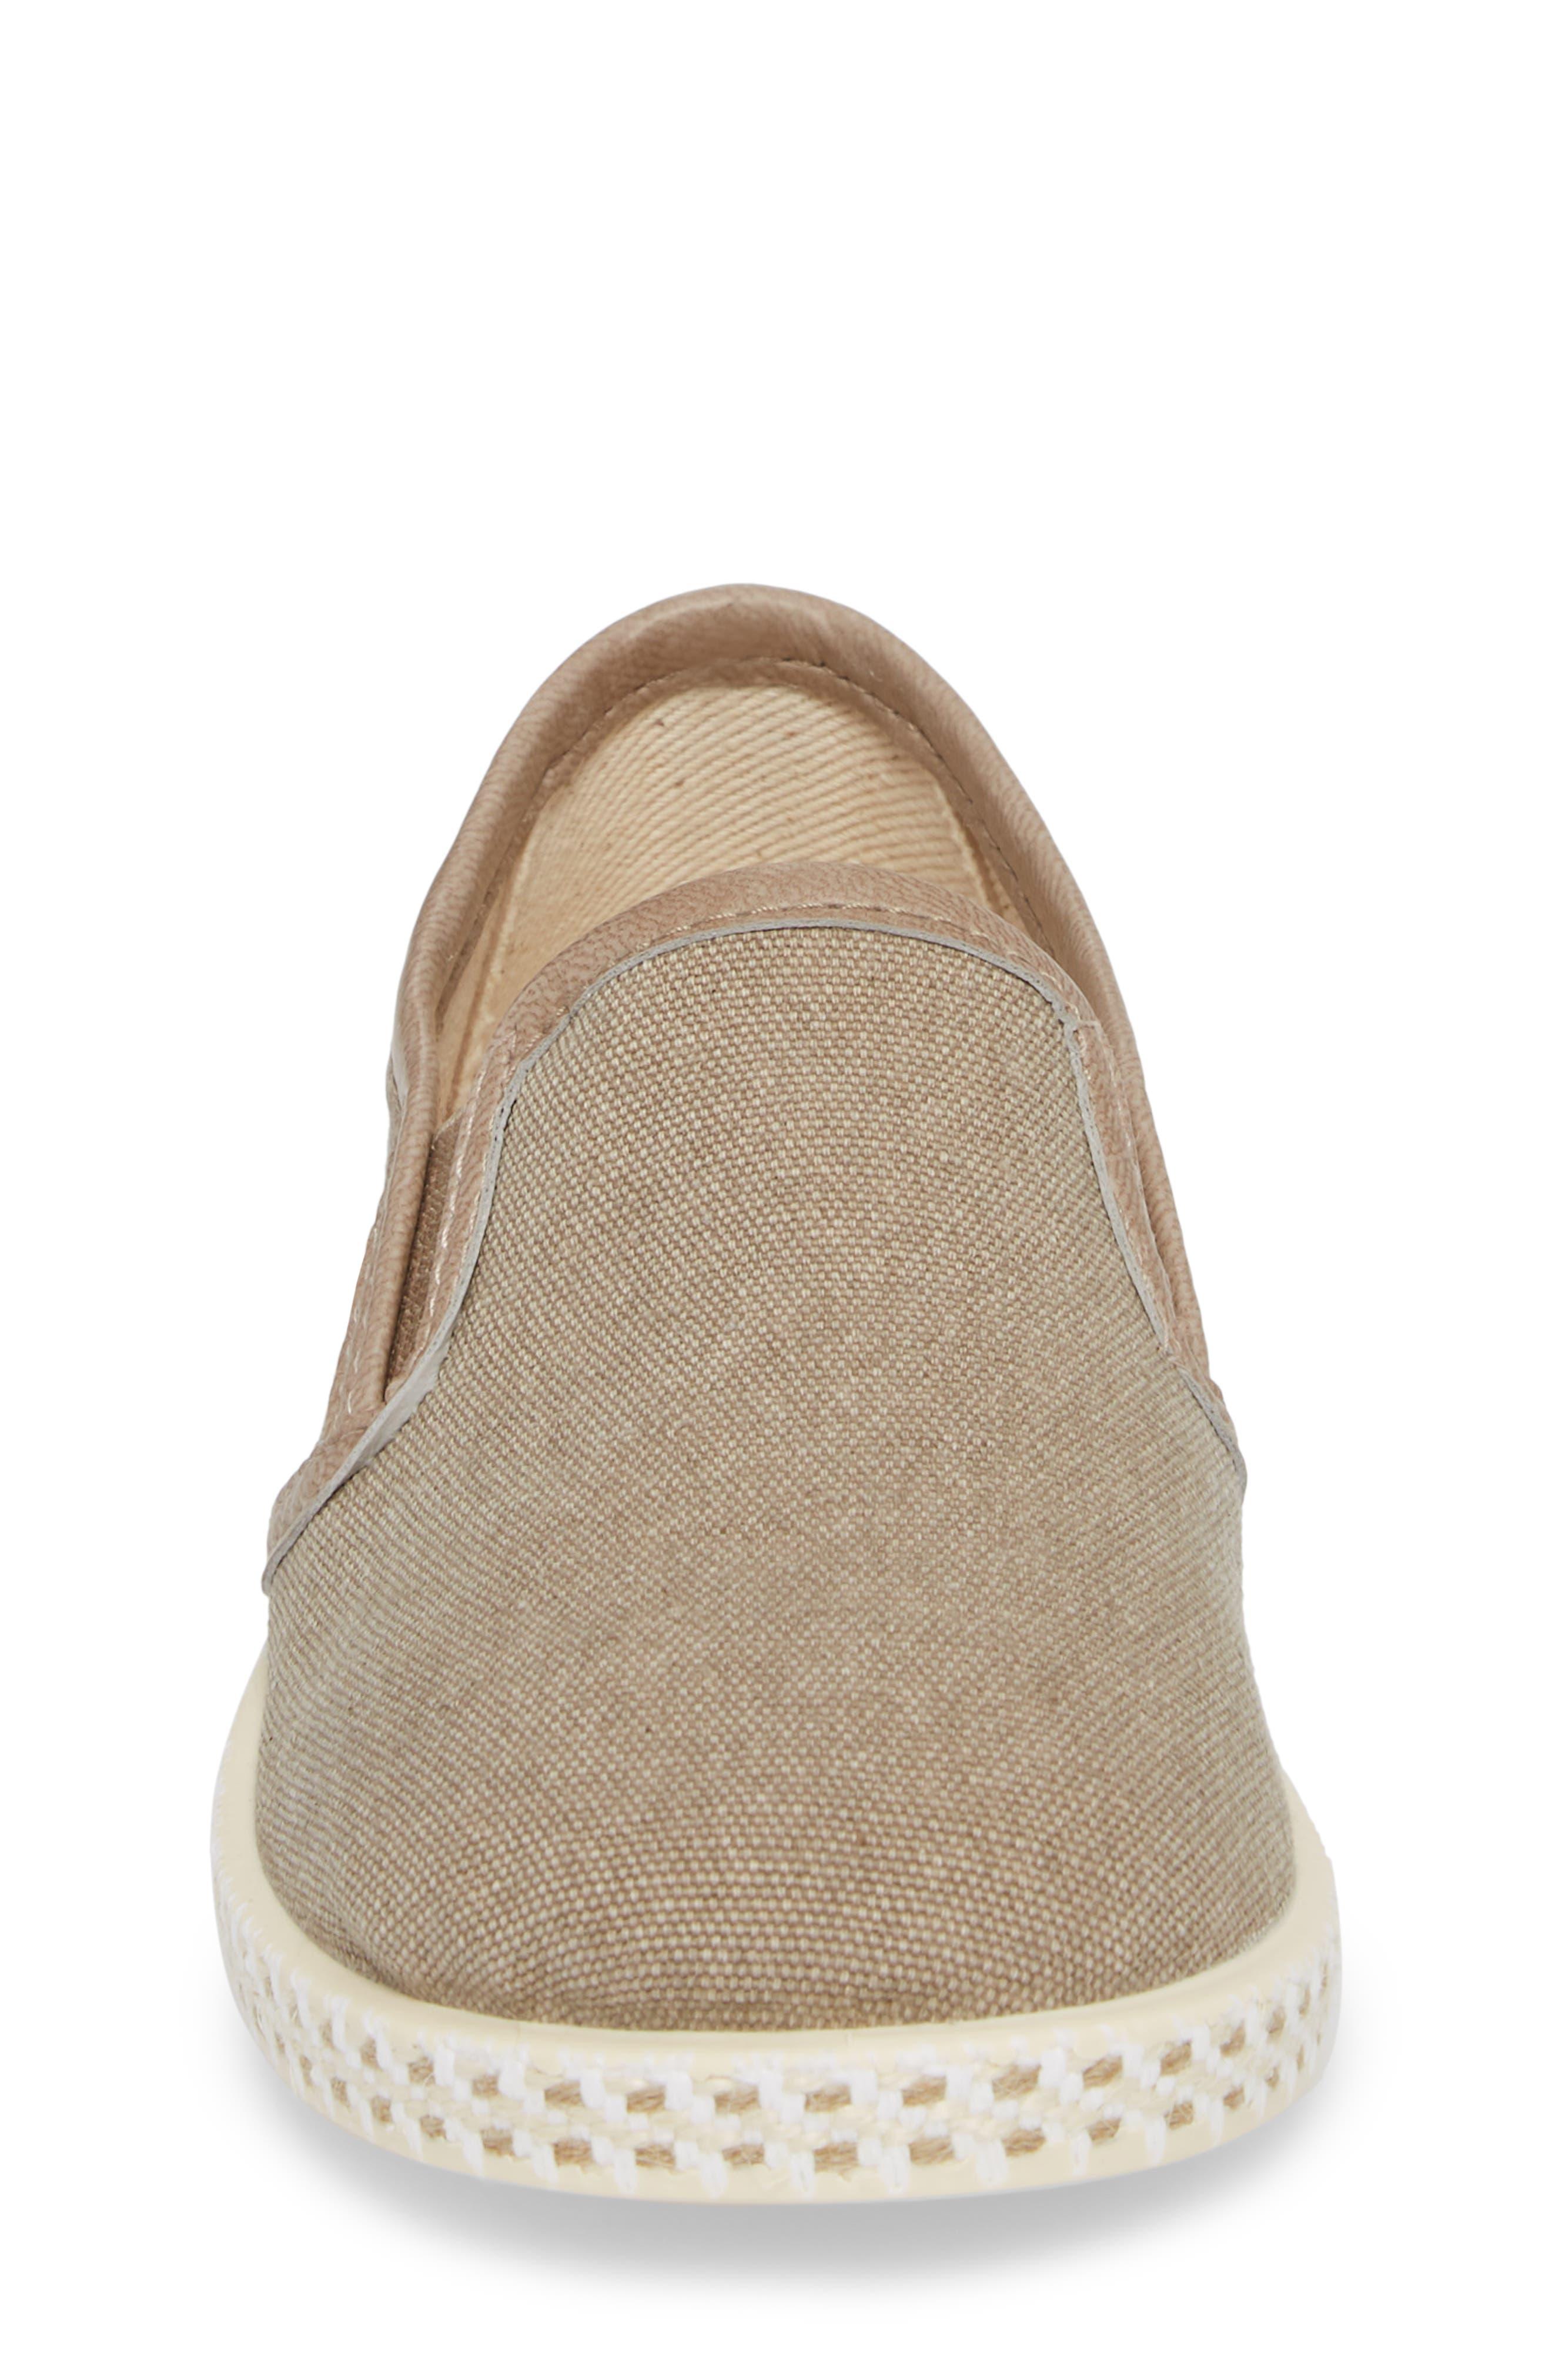 Lona Slip-On Sneaker,                             Alternate thumbnail 4, color,                             210